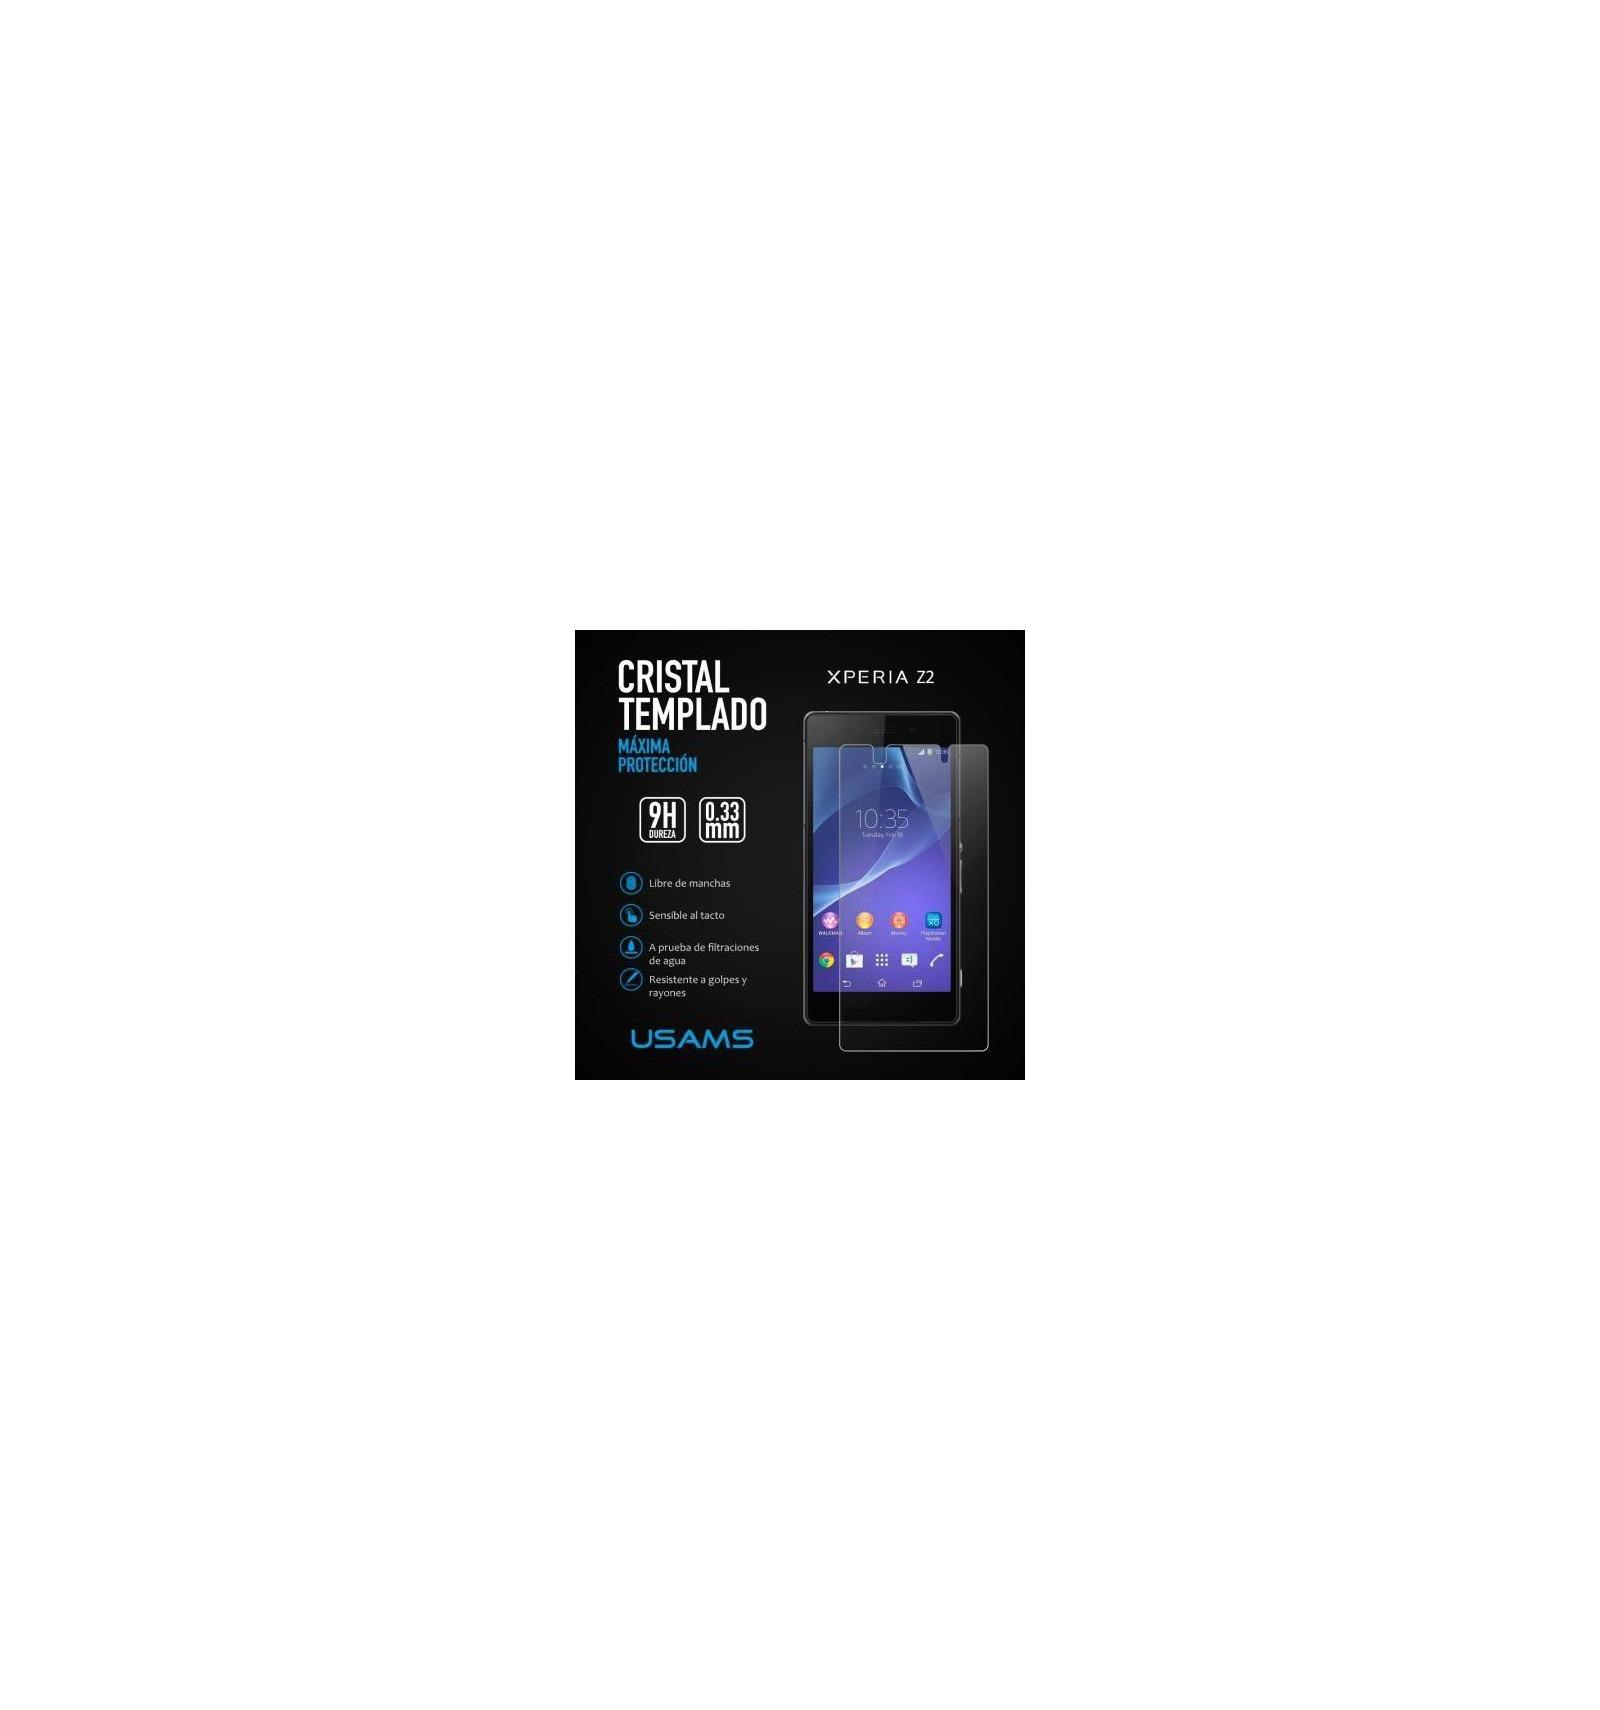 Sony Xperia T2 Ultra D5322 T2u Xm50h Tempering Glass Baterai Agpb012 A001